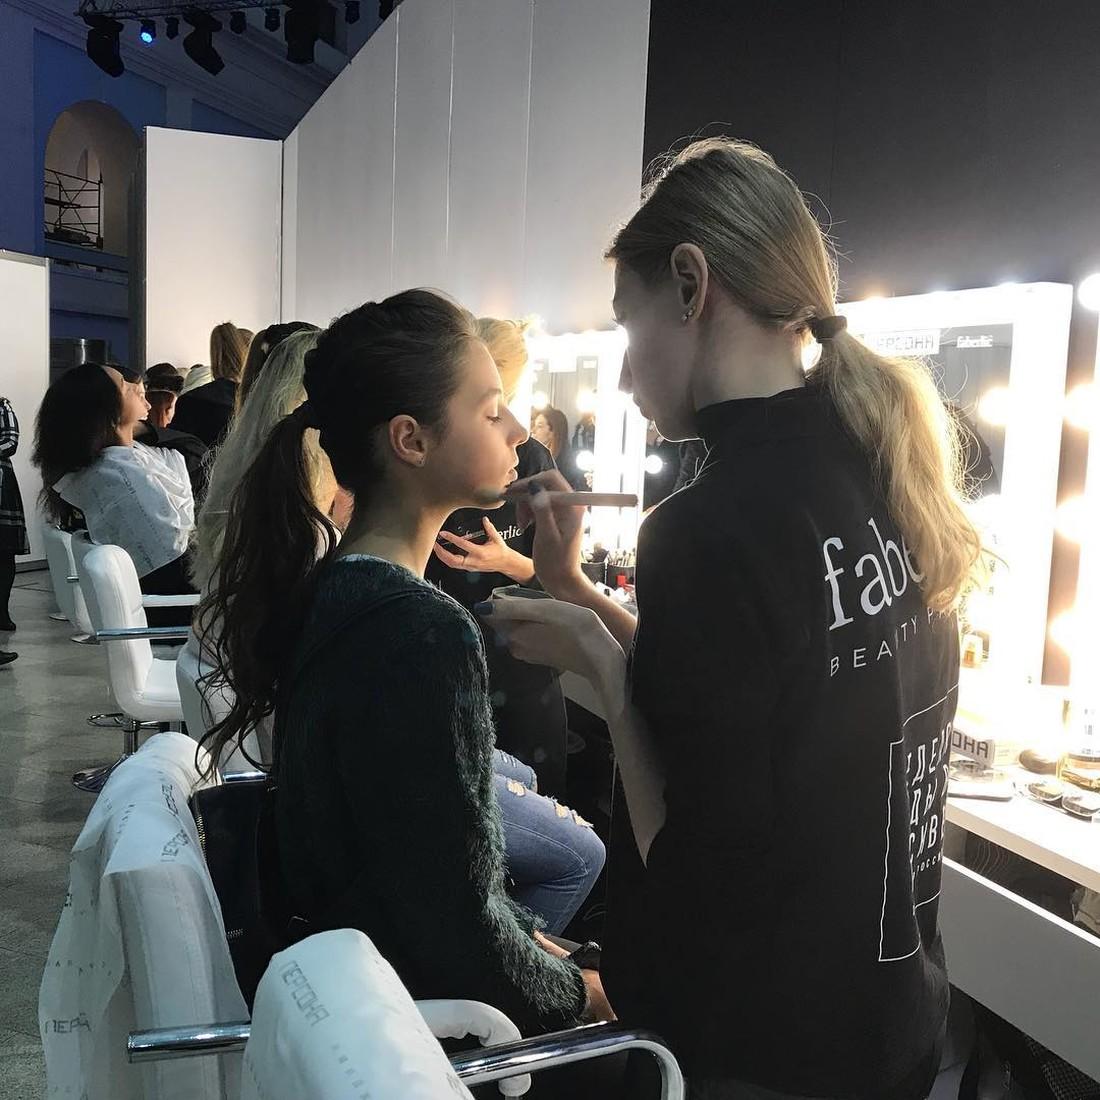 Круче, чем мама: 12-летняя дочь Анастасии Волочковой дебютировала в качестве модели в Москве